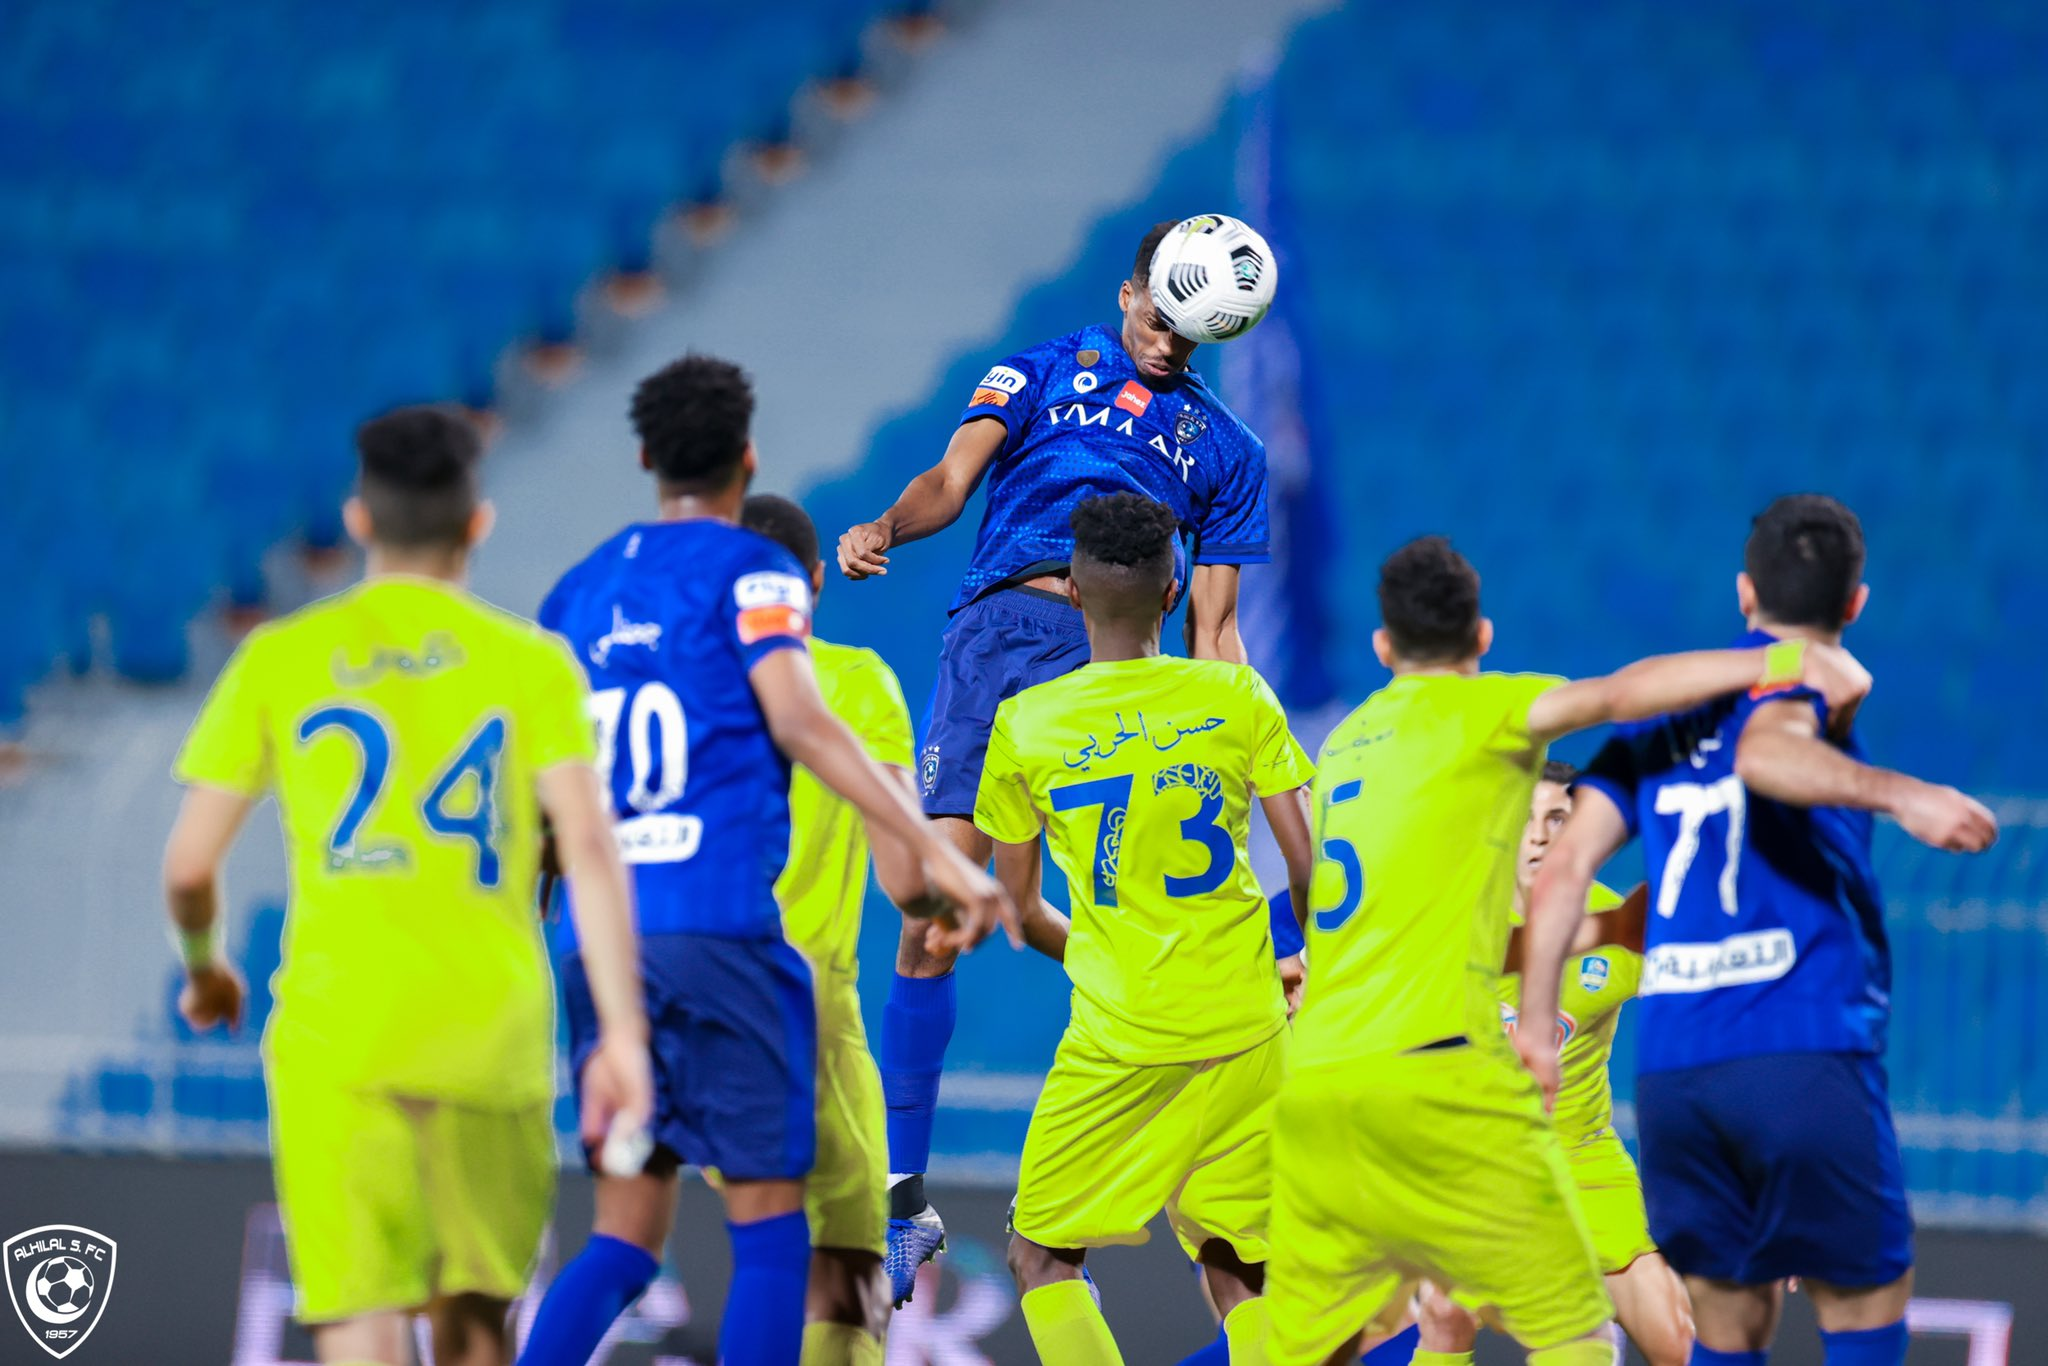 ملخص واهداف مباراة الهلال والعين في الدوري السعودي